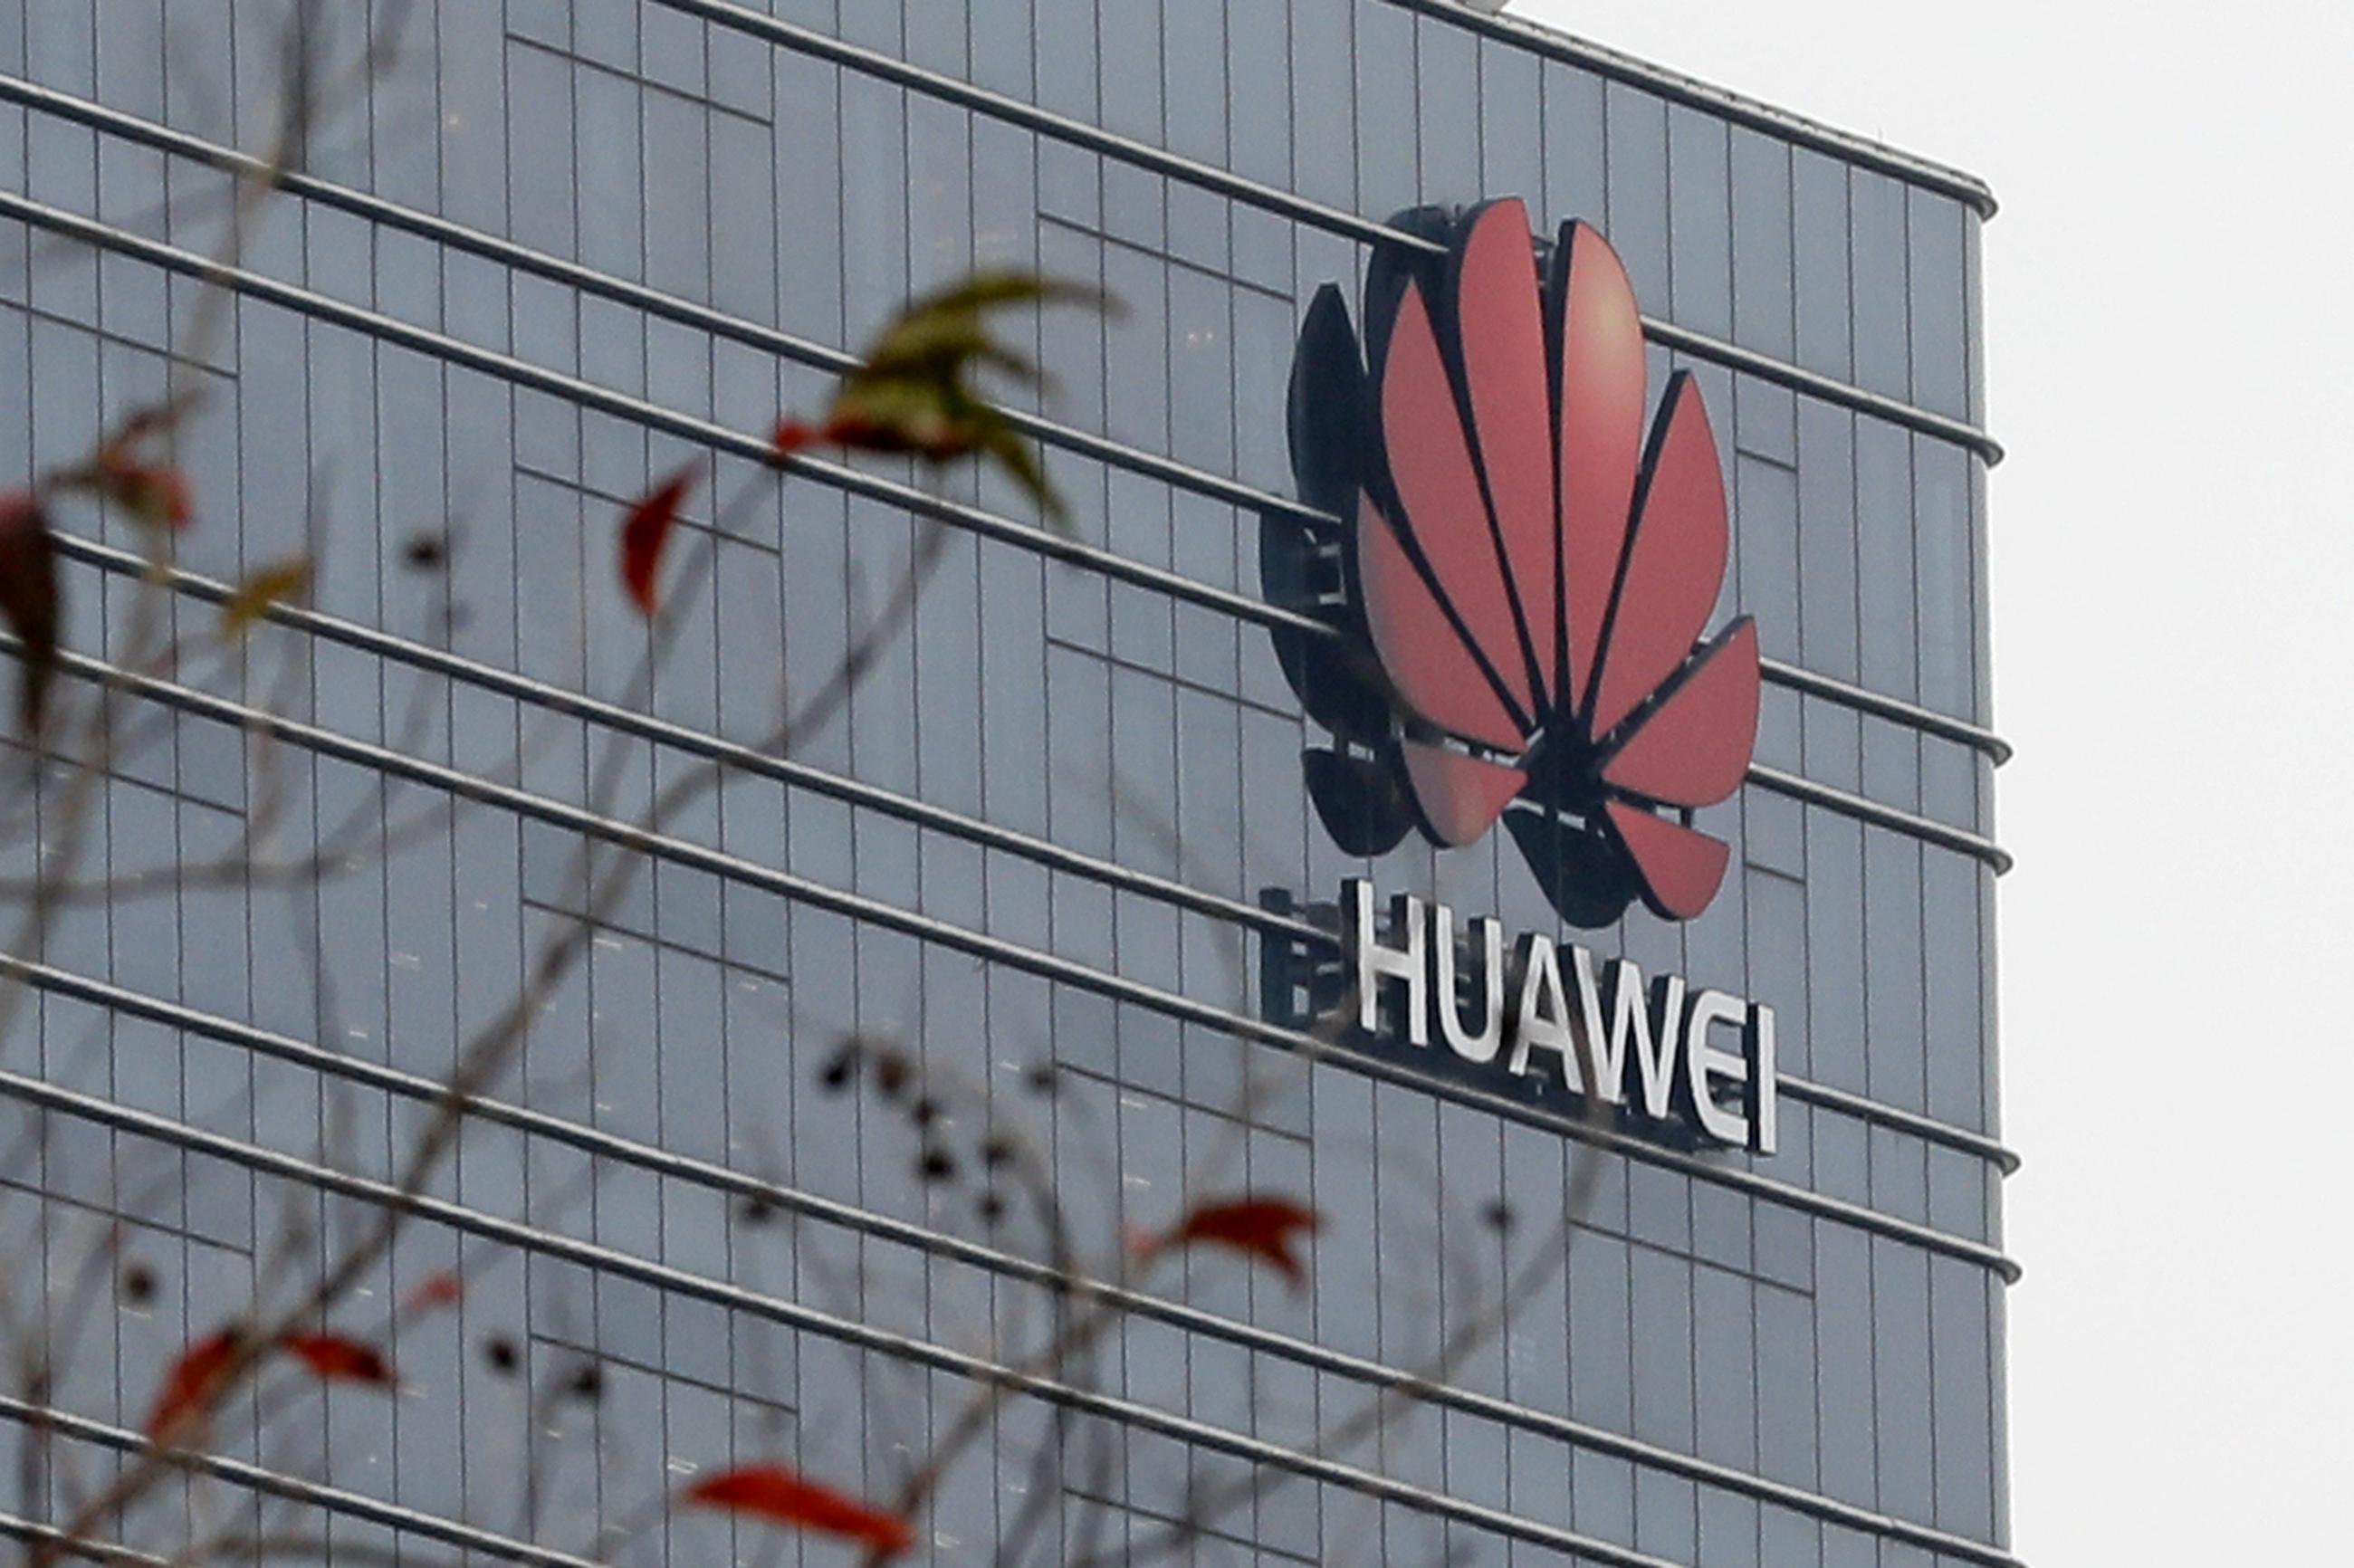 Huawei Ban Accelerates Push for Rural Broadband Subsidies